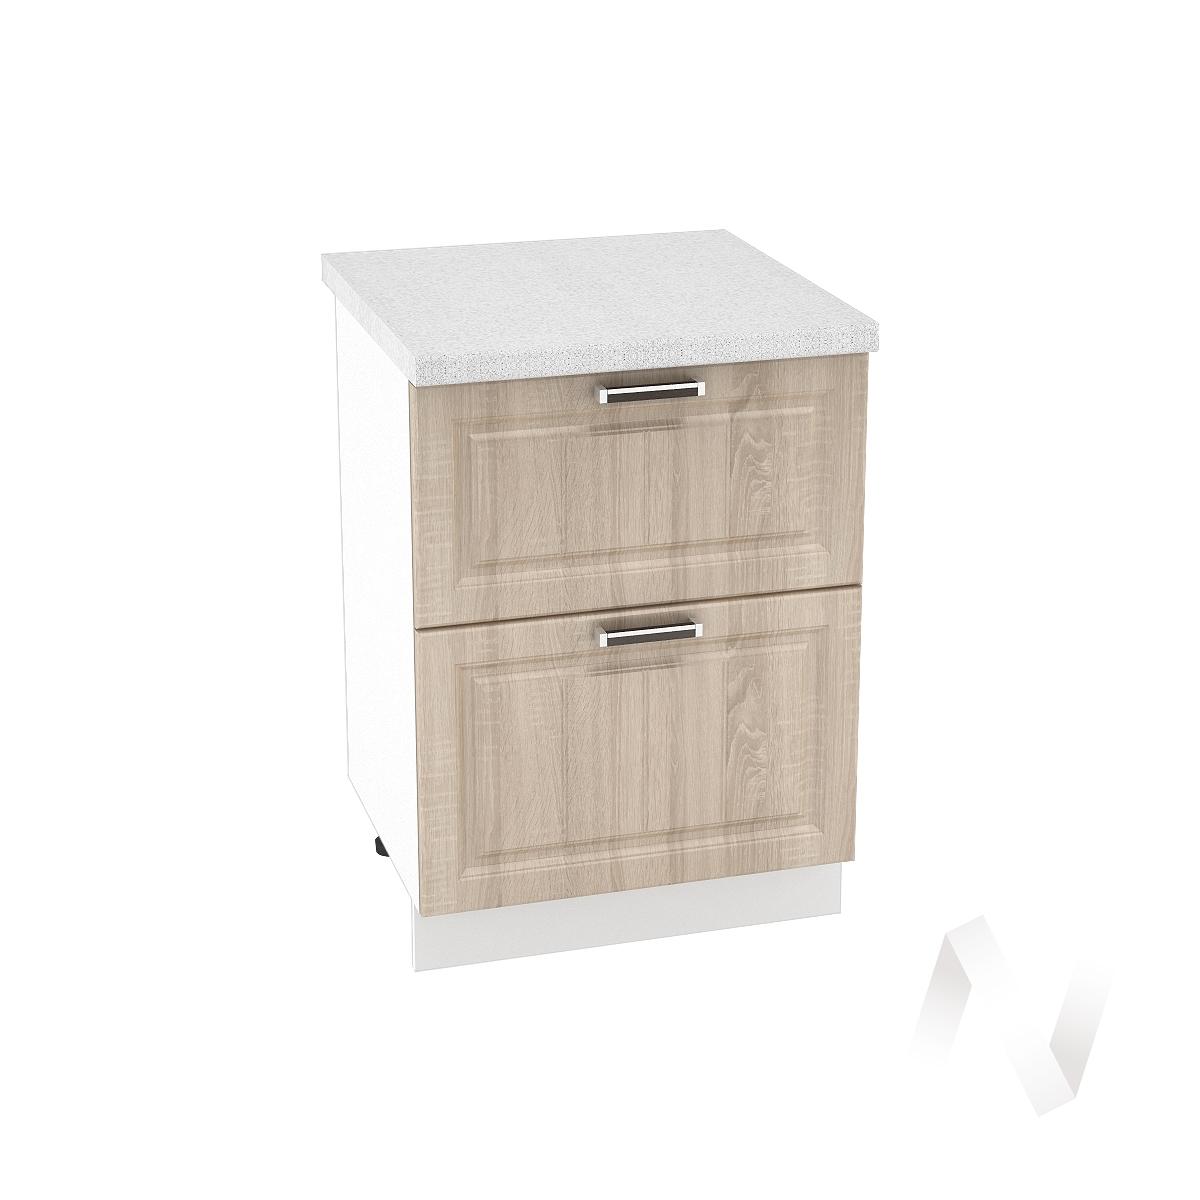 """Купить кухня """"прага"""": шкаф нижний с 2-мя ящиками 600, шн2я 600 (дуб сонома/корпус белый) в Новосибирске в интернет-магазине Мебель плюс Техника"""